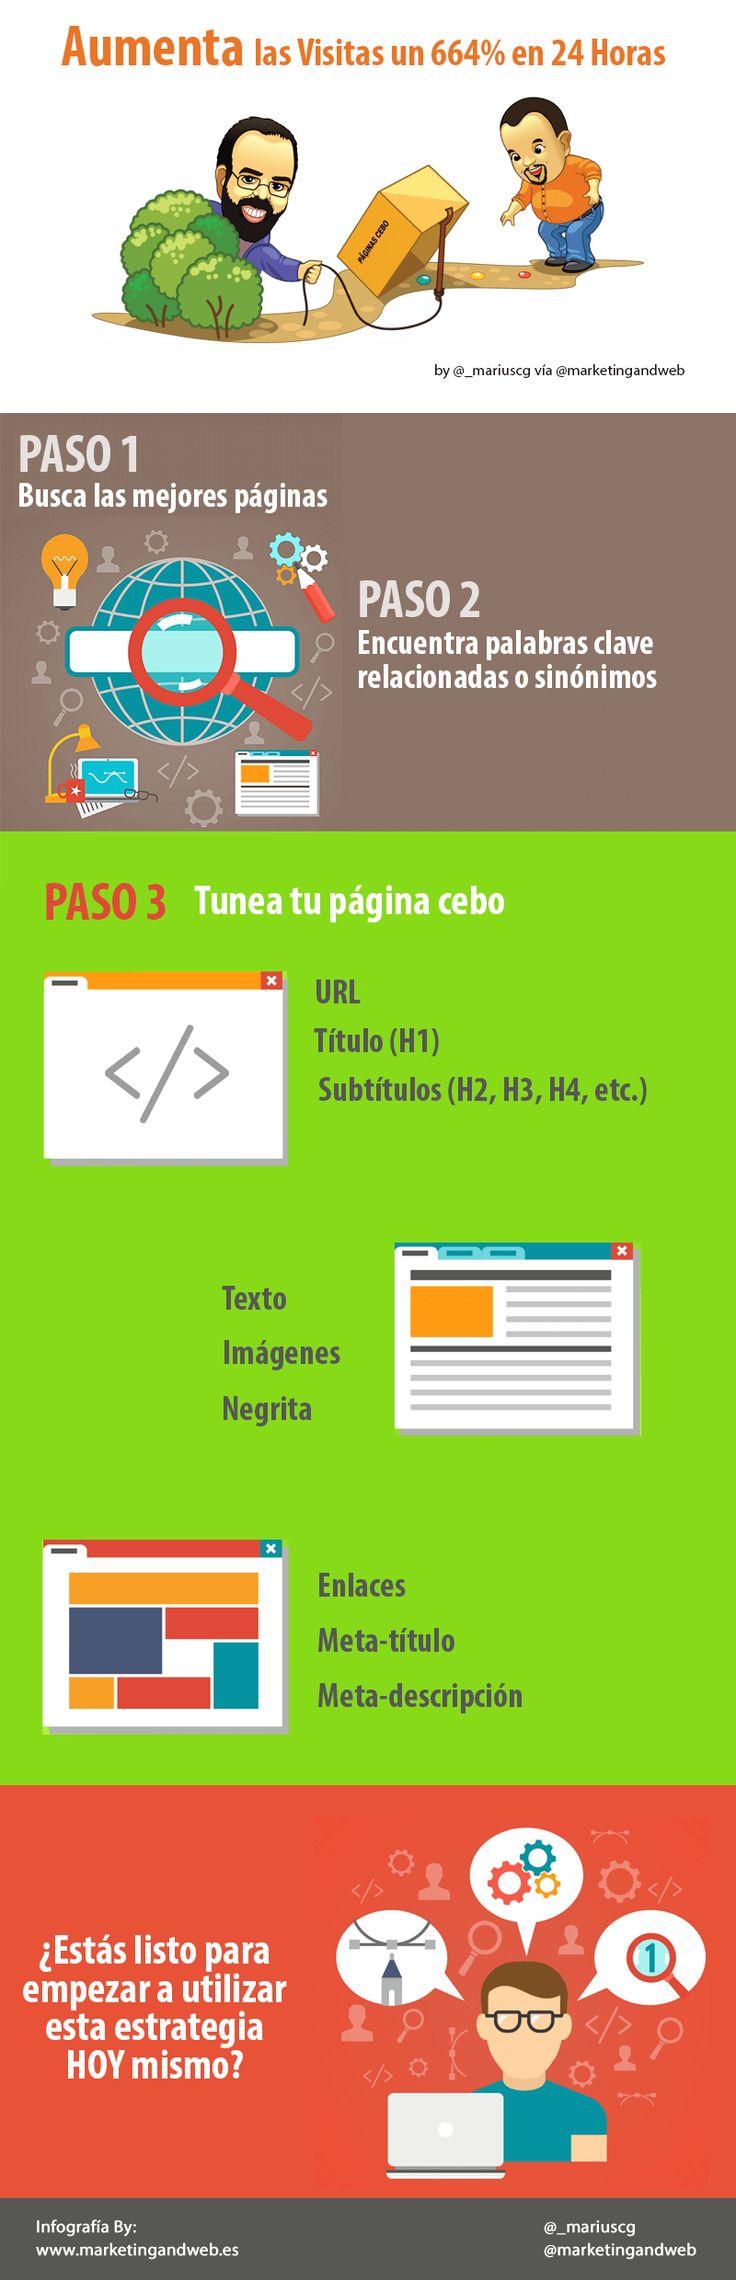 Hola: Una infografía sobre Cómo aumentar las visitas a una web un 664% en 24 horas. Vía Un saludo